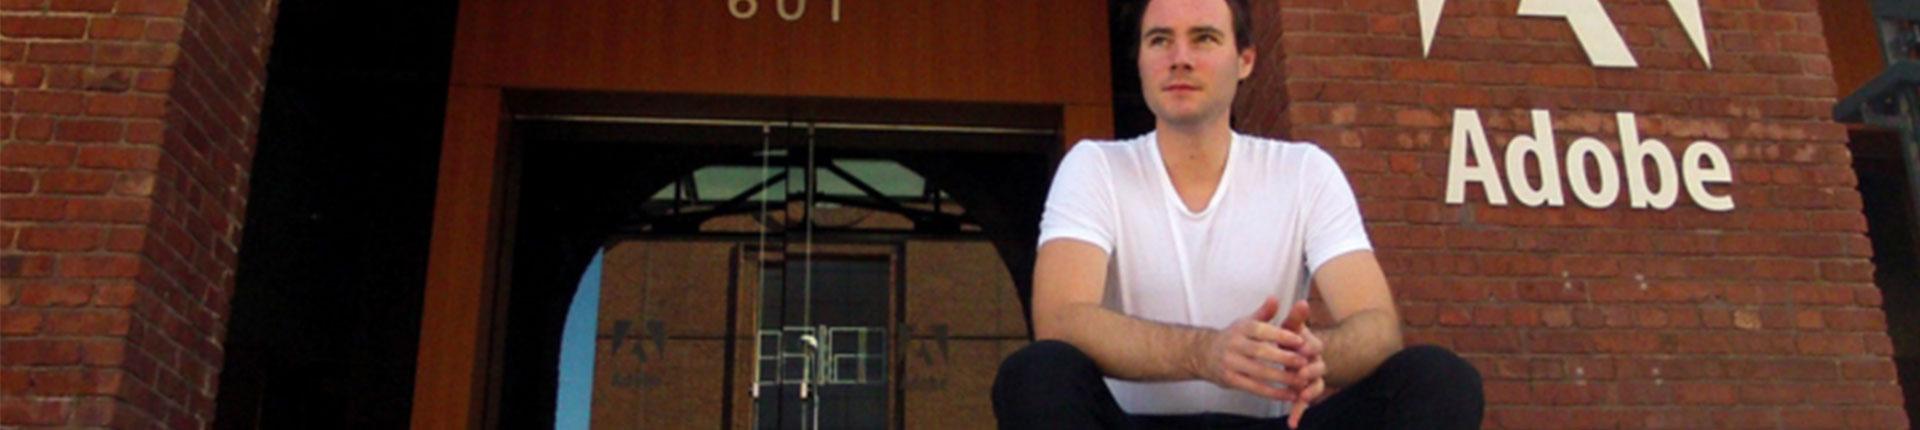 Tom Krcha z Adobe: Je třeba jít naproti novým dobrodružstvím